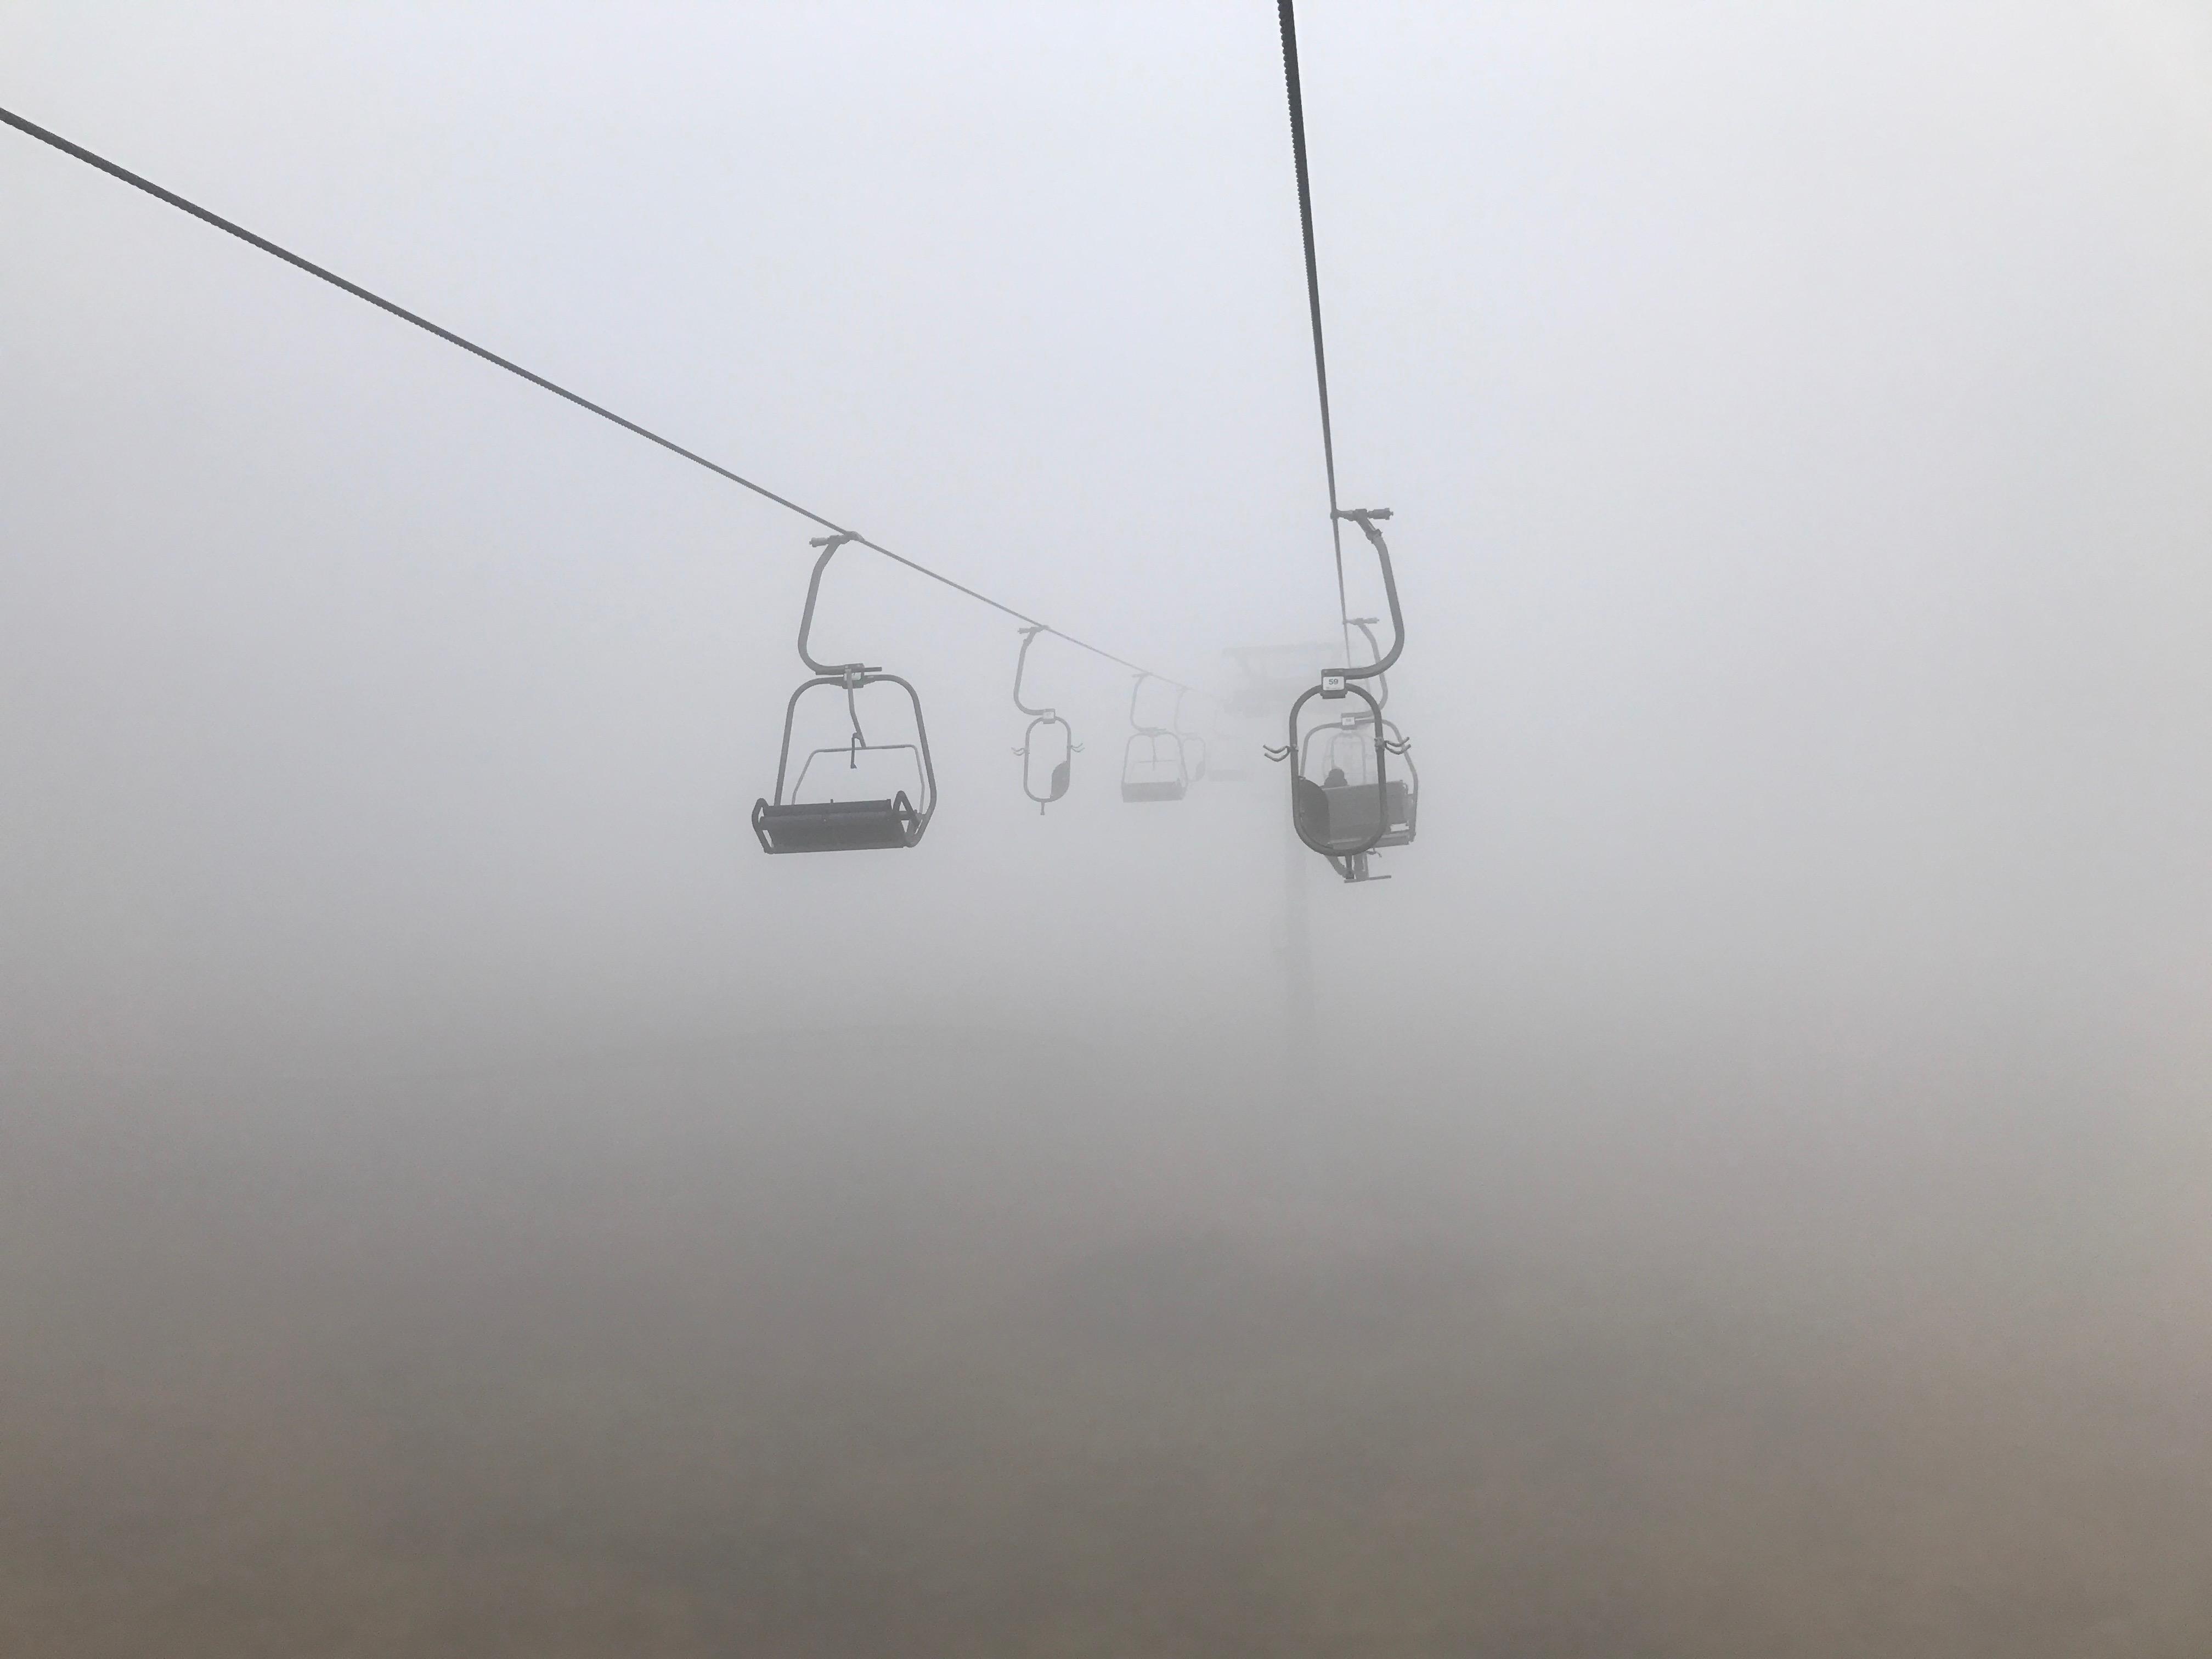 ski liftkmk